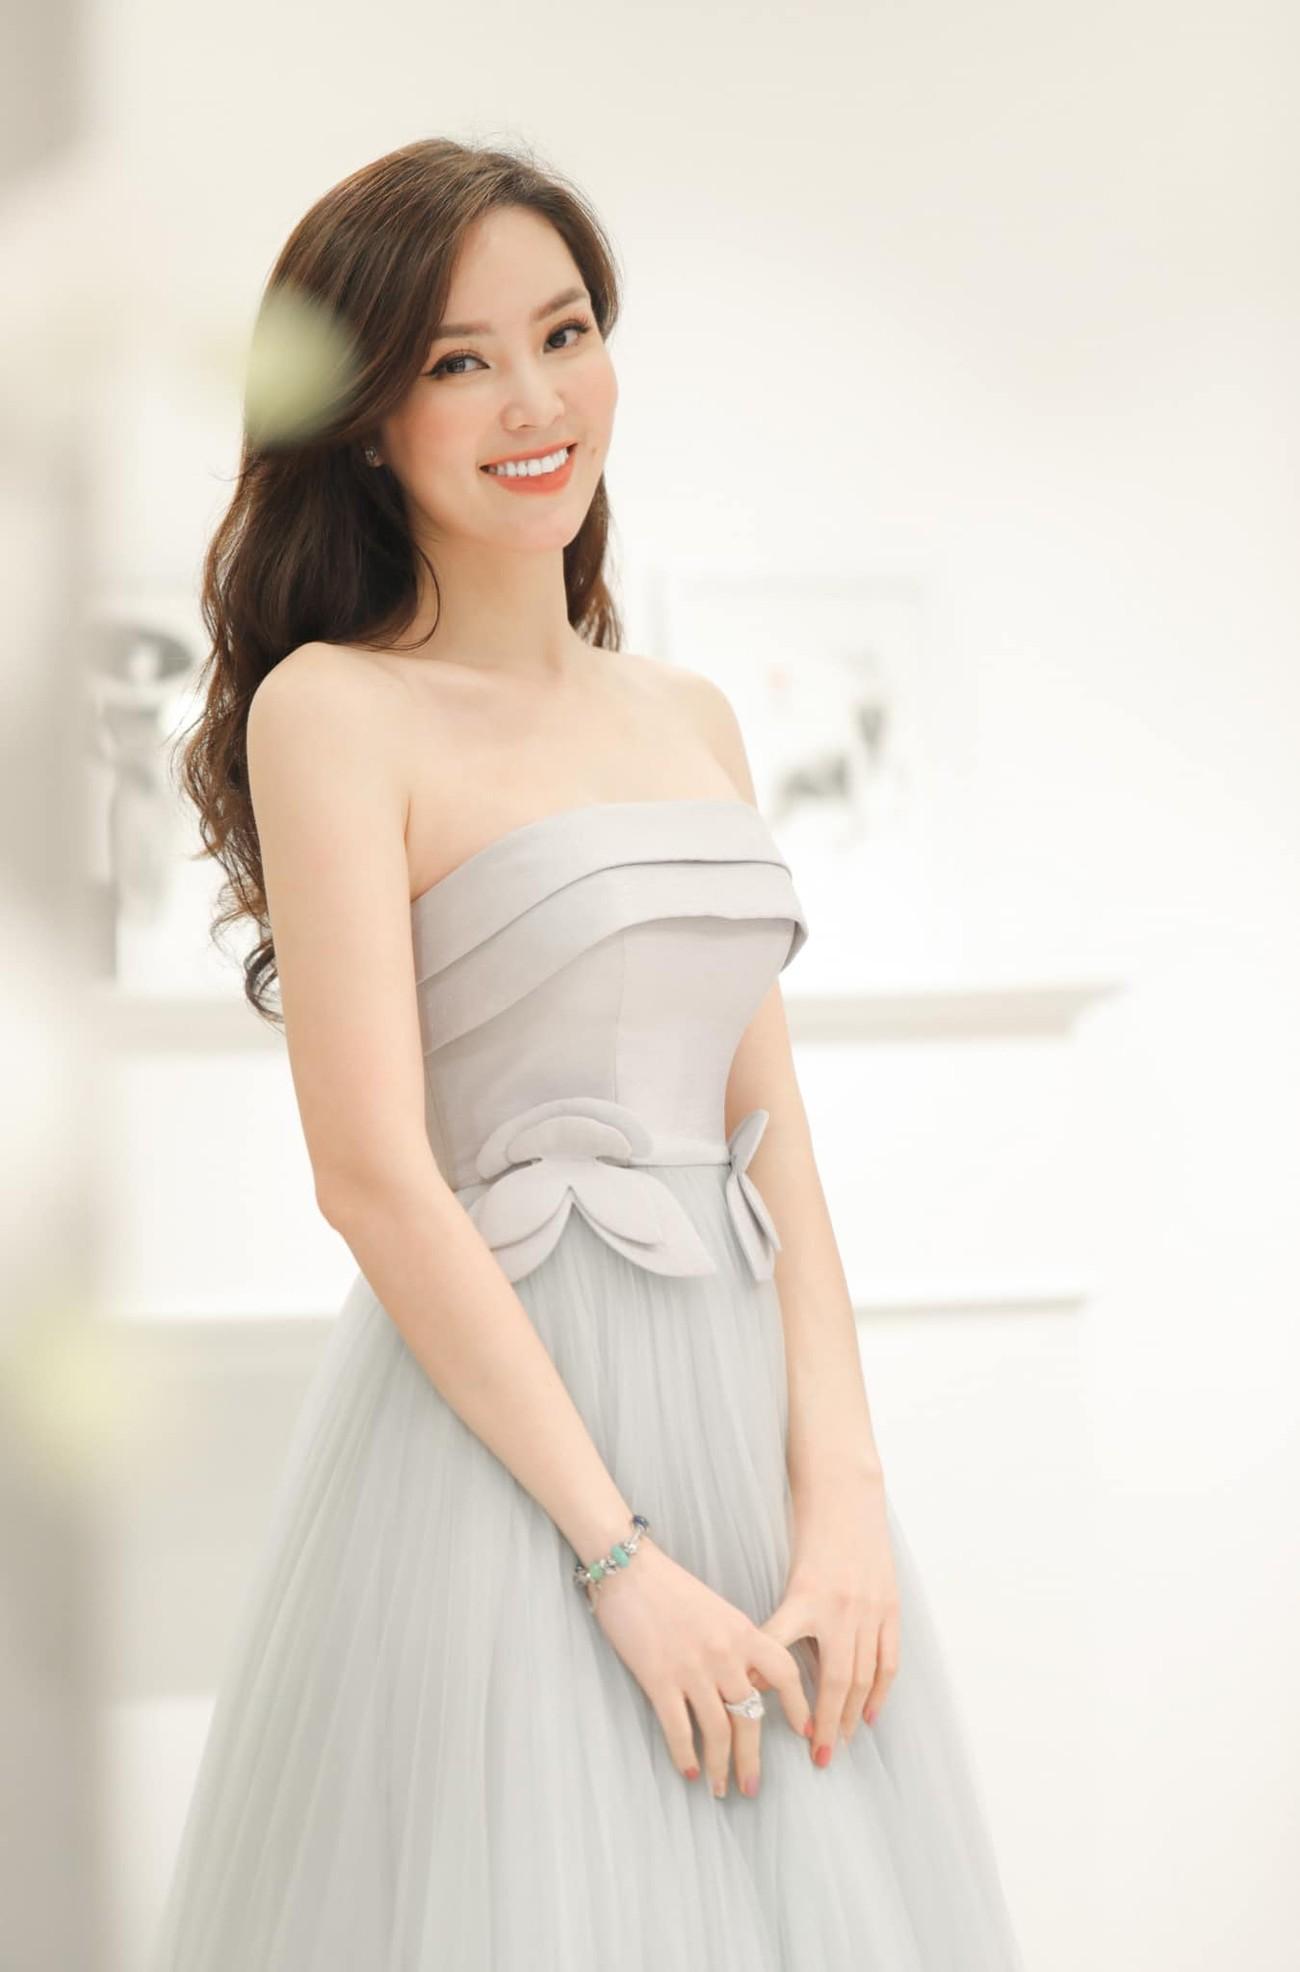 Tiểu Vy mặc giản dị mà 'chất' như fashionista, Khánh Vân khoe vòng một nóng bỏng ảnh 9